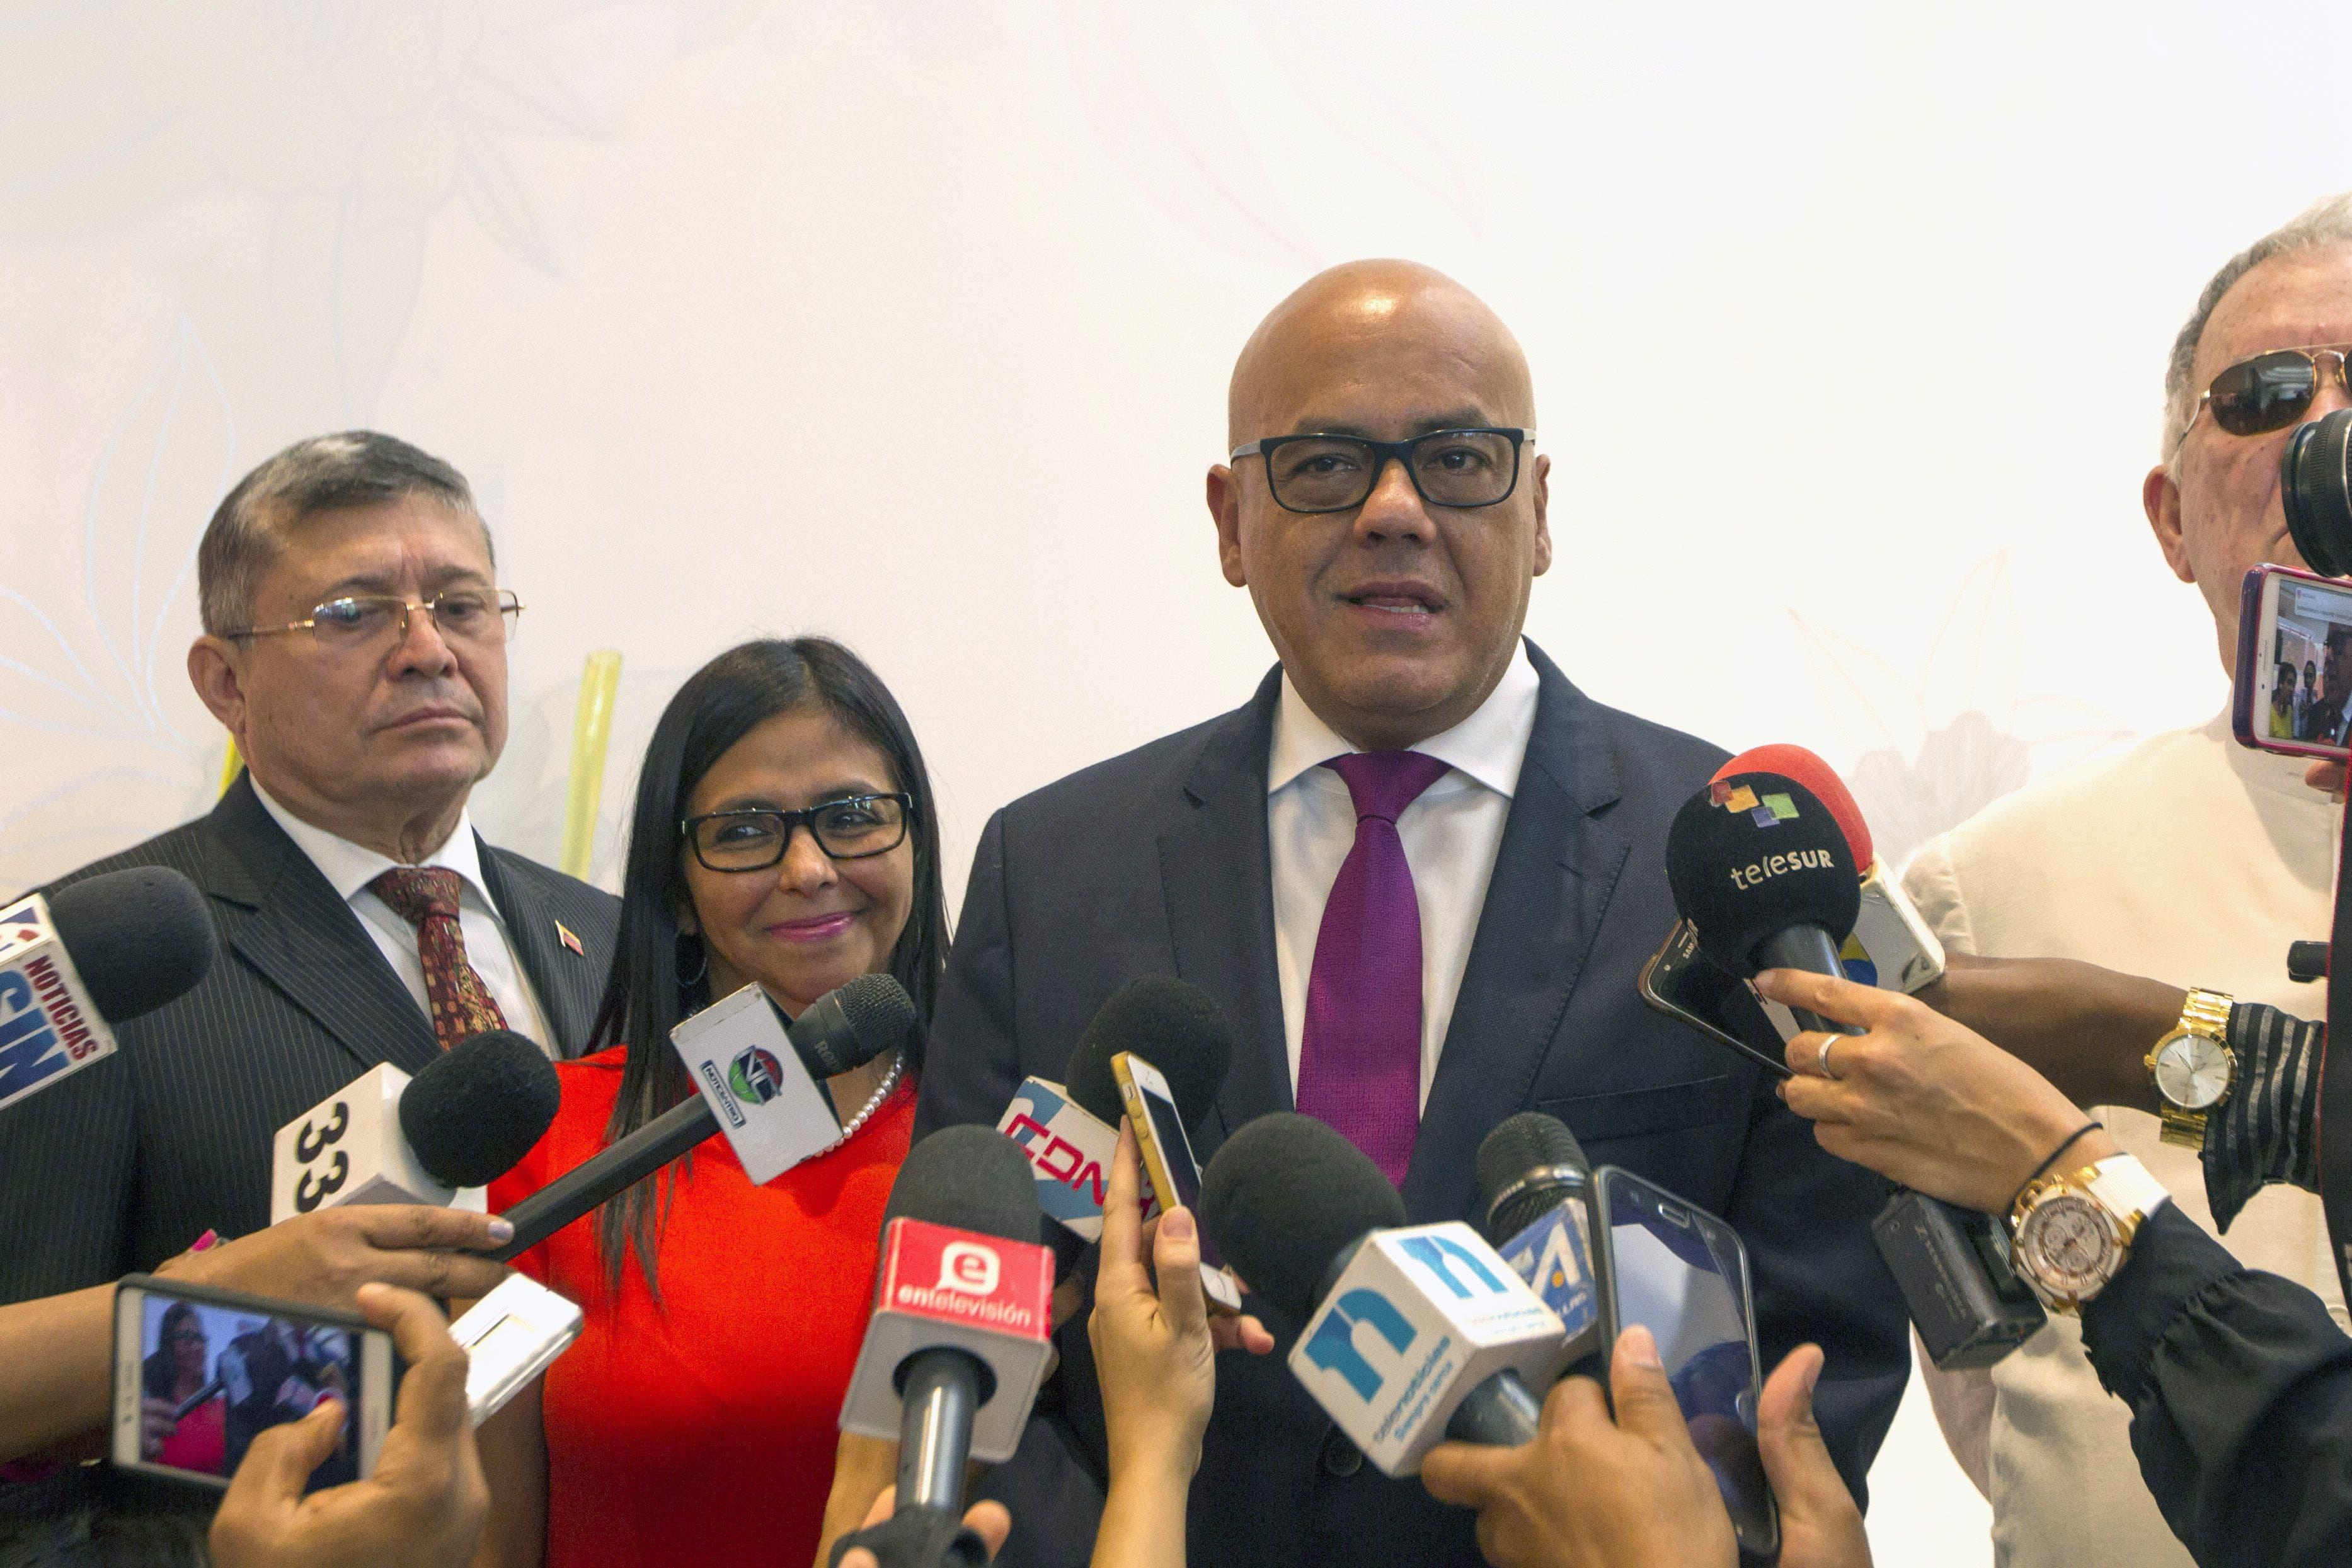 La presidenta de la Asamblea Constituyente de Venezuela, Delcy Rodríguez (2ª-L) y Jorge Rodríguez (R), alcalde del municipio Libertador de Caracas y líder del Partido Socialista Unido de Venezuela, pro-gobierno, hablan durante una conferencia de prensa en la que hablaron sobre los diálogos entre la oposición y el gobierno que se llevaron a cabo hoy en Santo Domingo